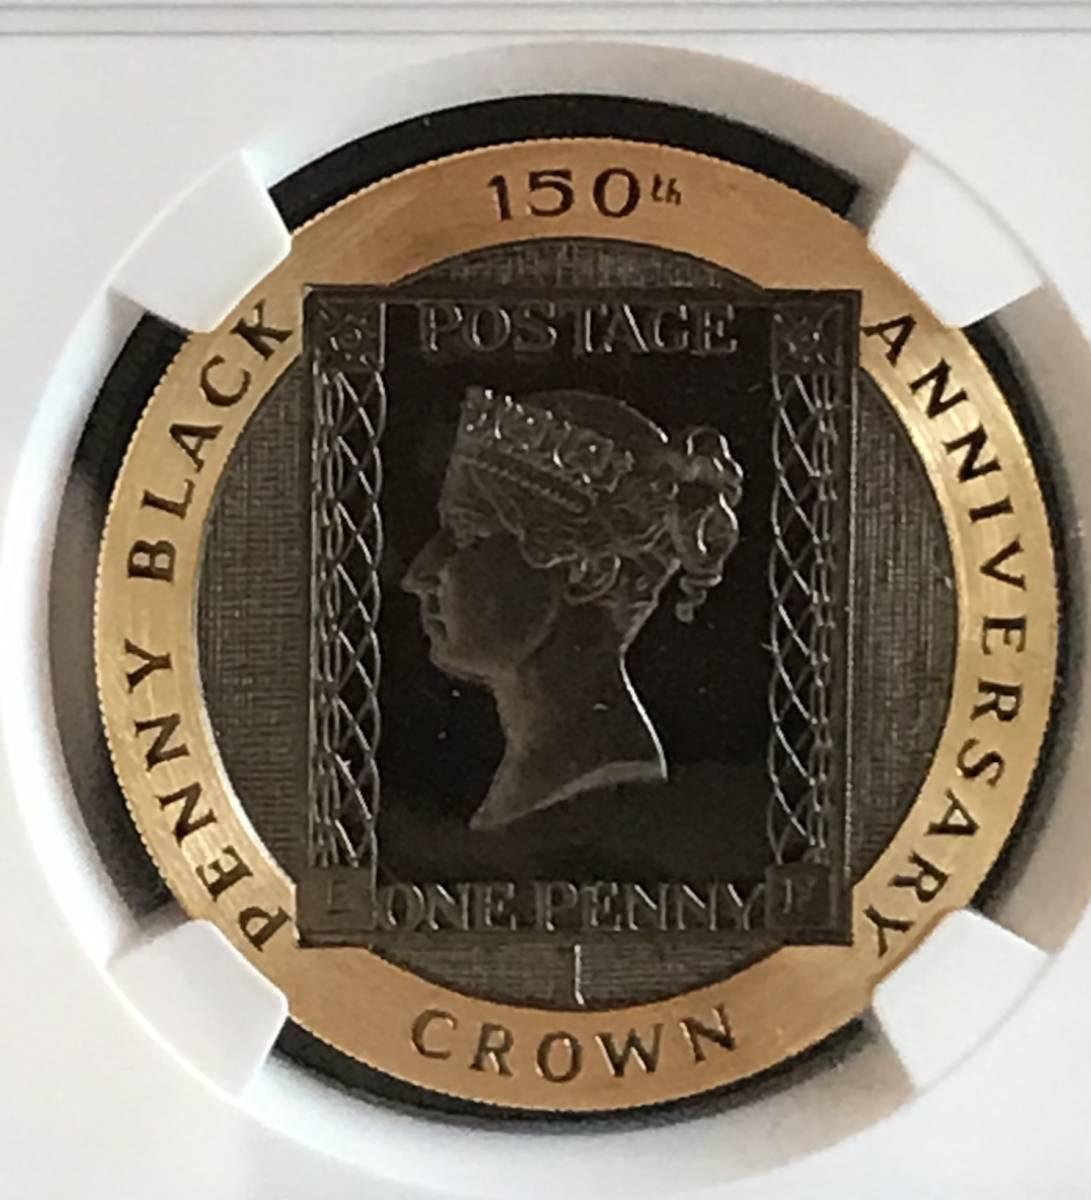 【3枚のみ! NGC PF66UC】1990年 イギリス領マン島 ペニーブラック クラウン金貨 NGC PF66 UC アンティークコイン/モダン 発行枚数1000枚_画像1